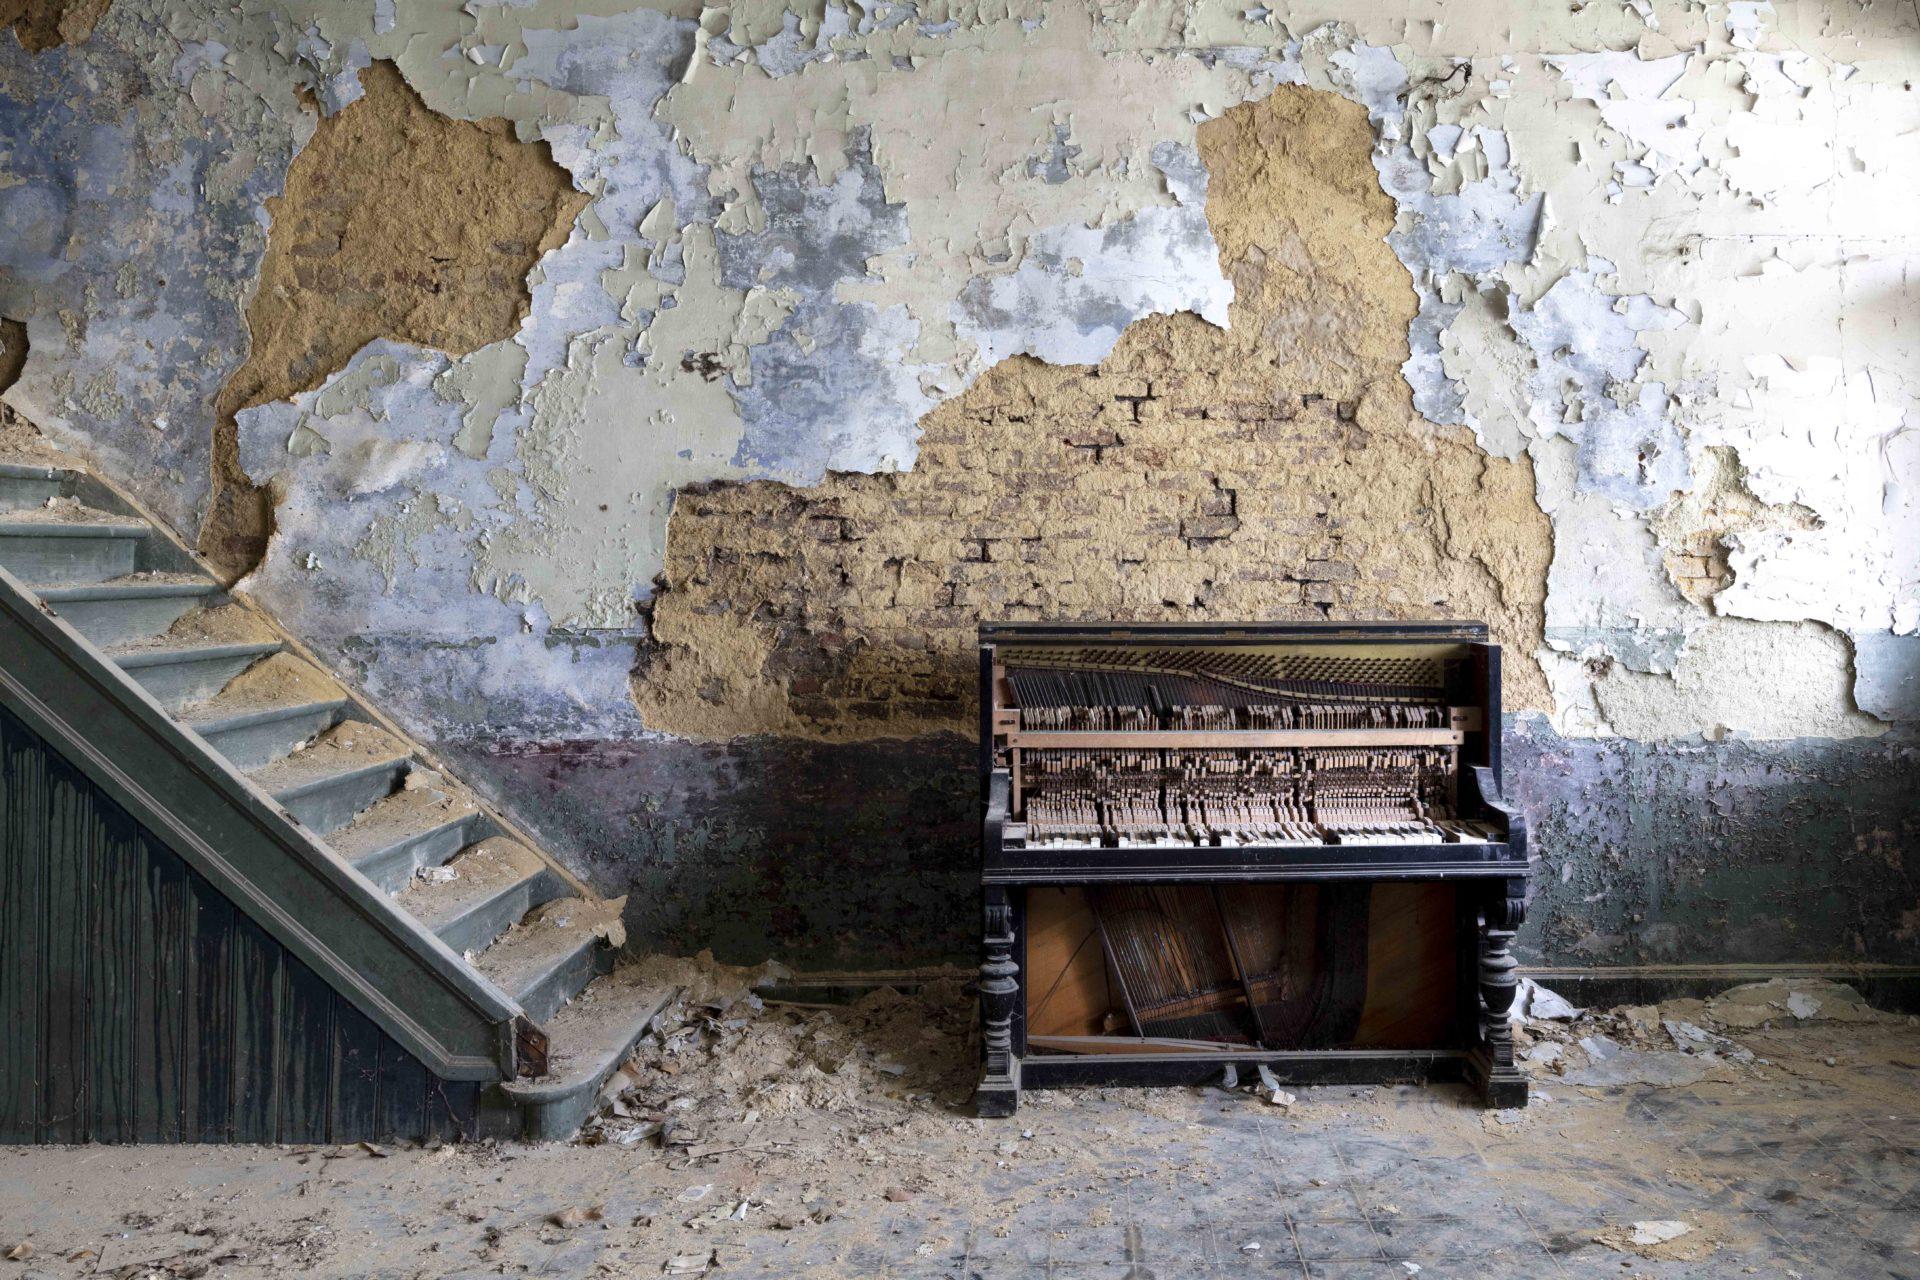 Requiem pour pianos 40 | Serie Requiem pour pianos | Romain Thiery | Belgium